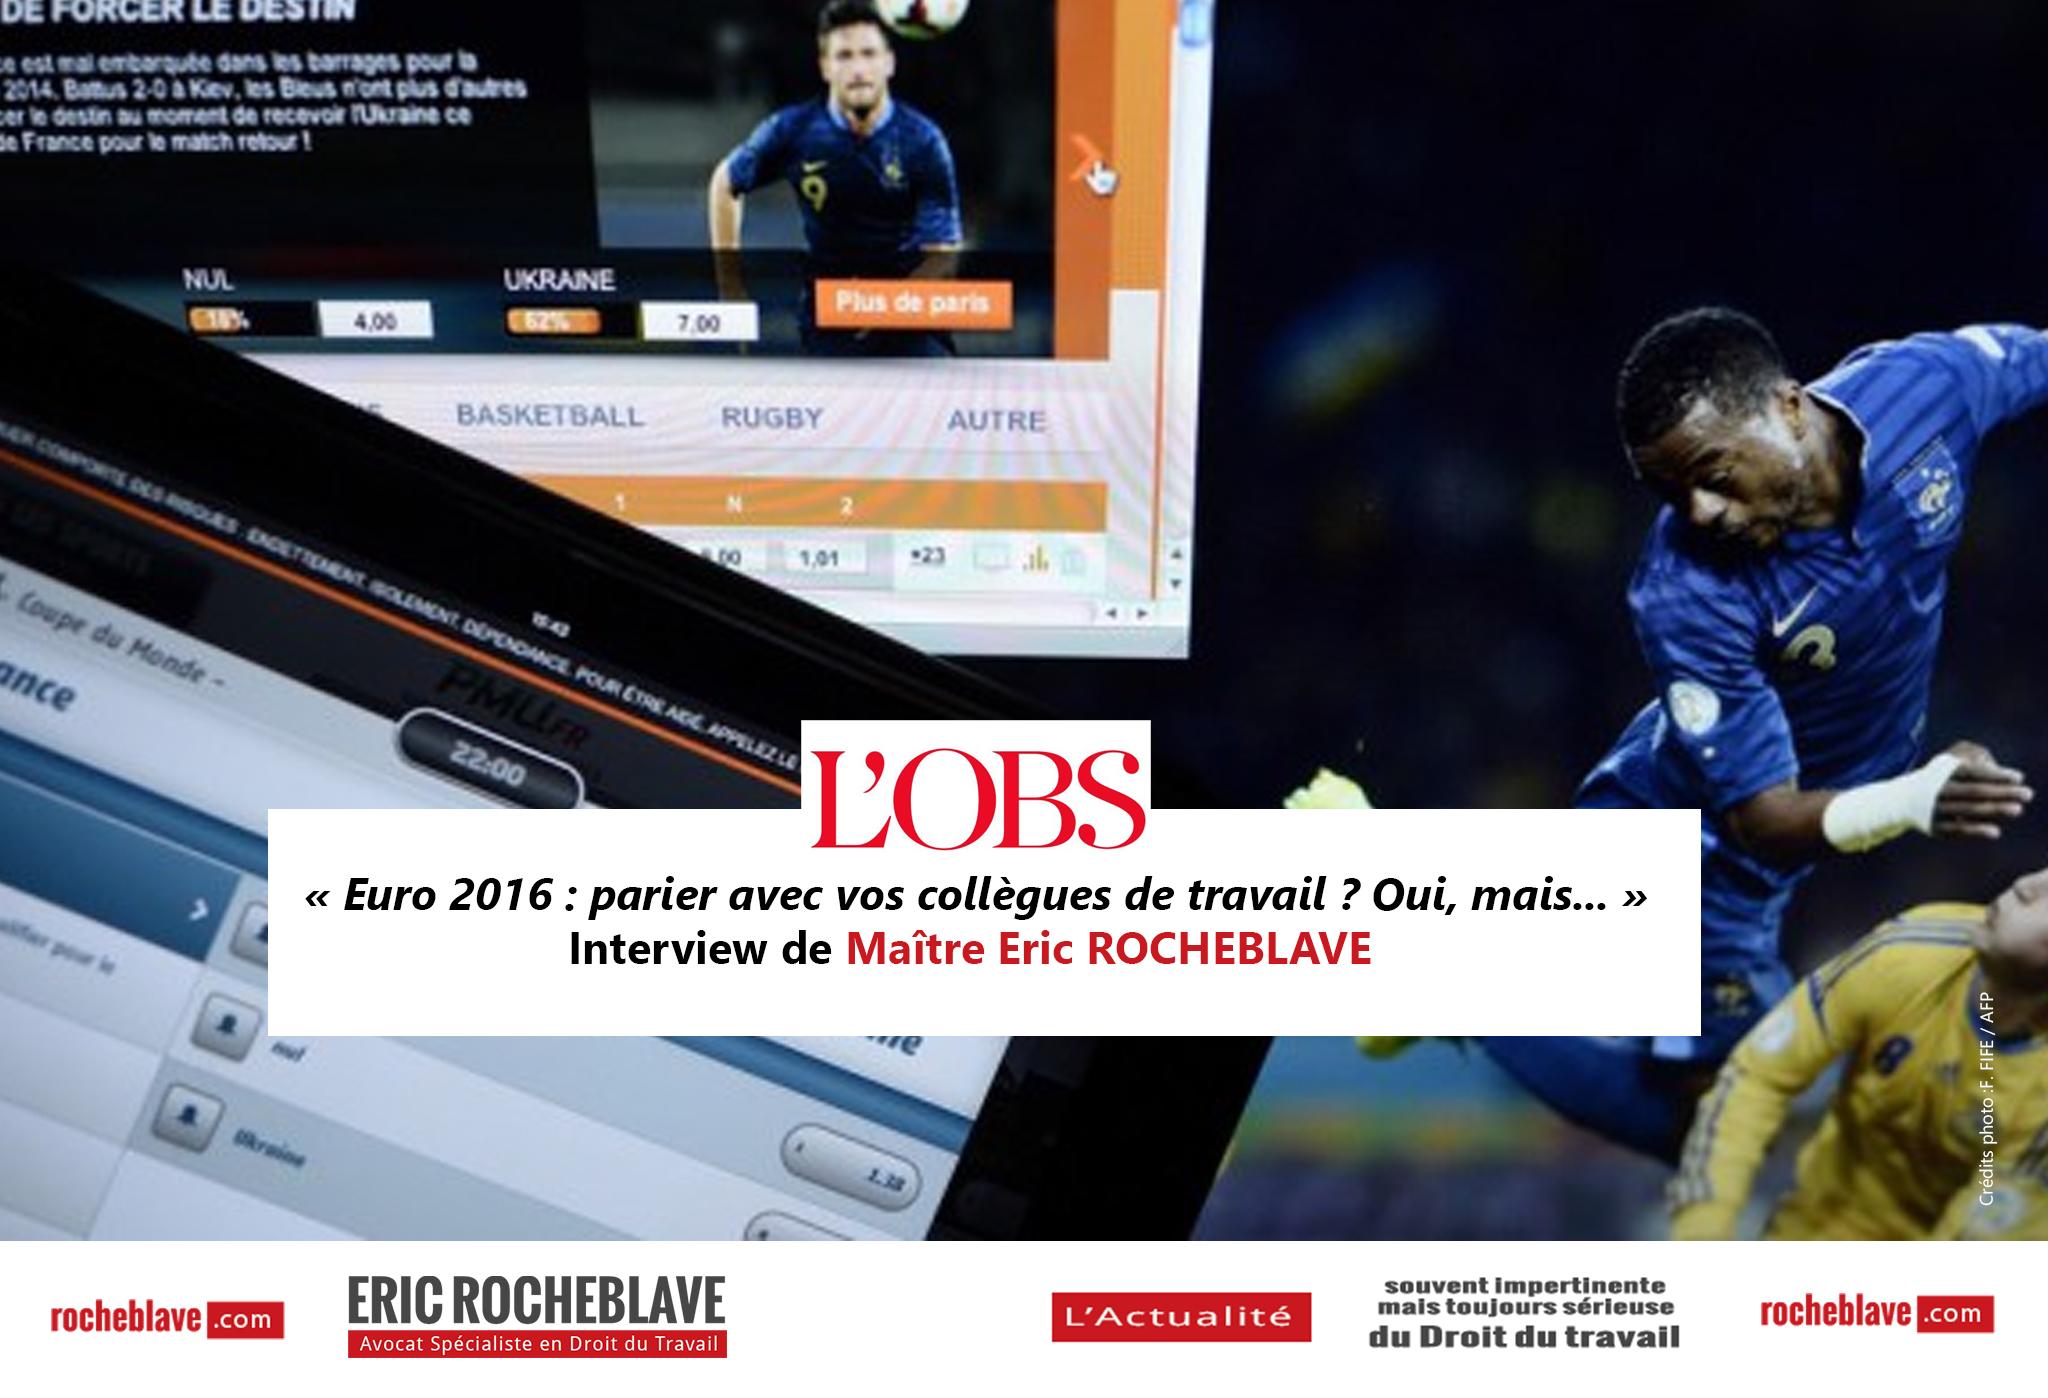 « Euro 2016 : parier avec vos collègues de travail ? Oui, mais… » Interview de Maître Eric ROCHEBLAVE | L'OBS